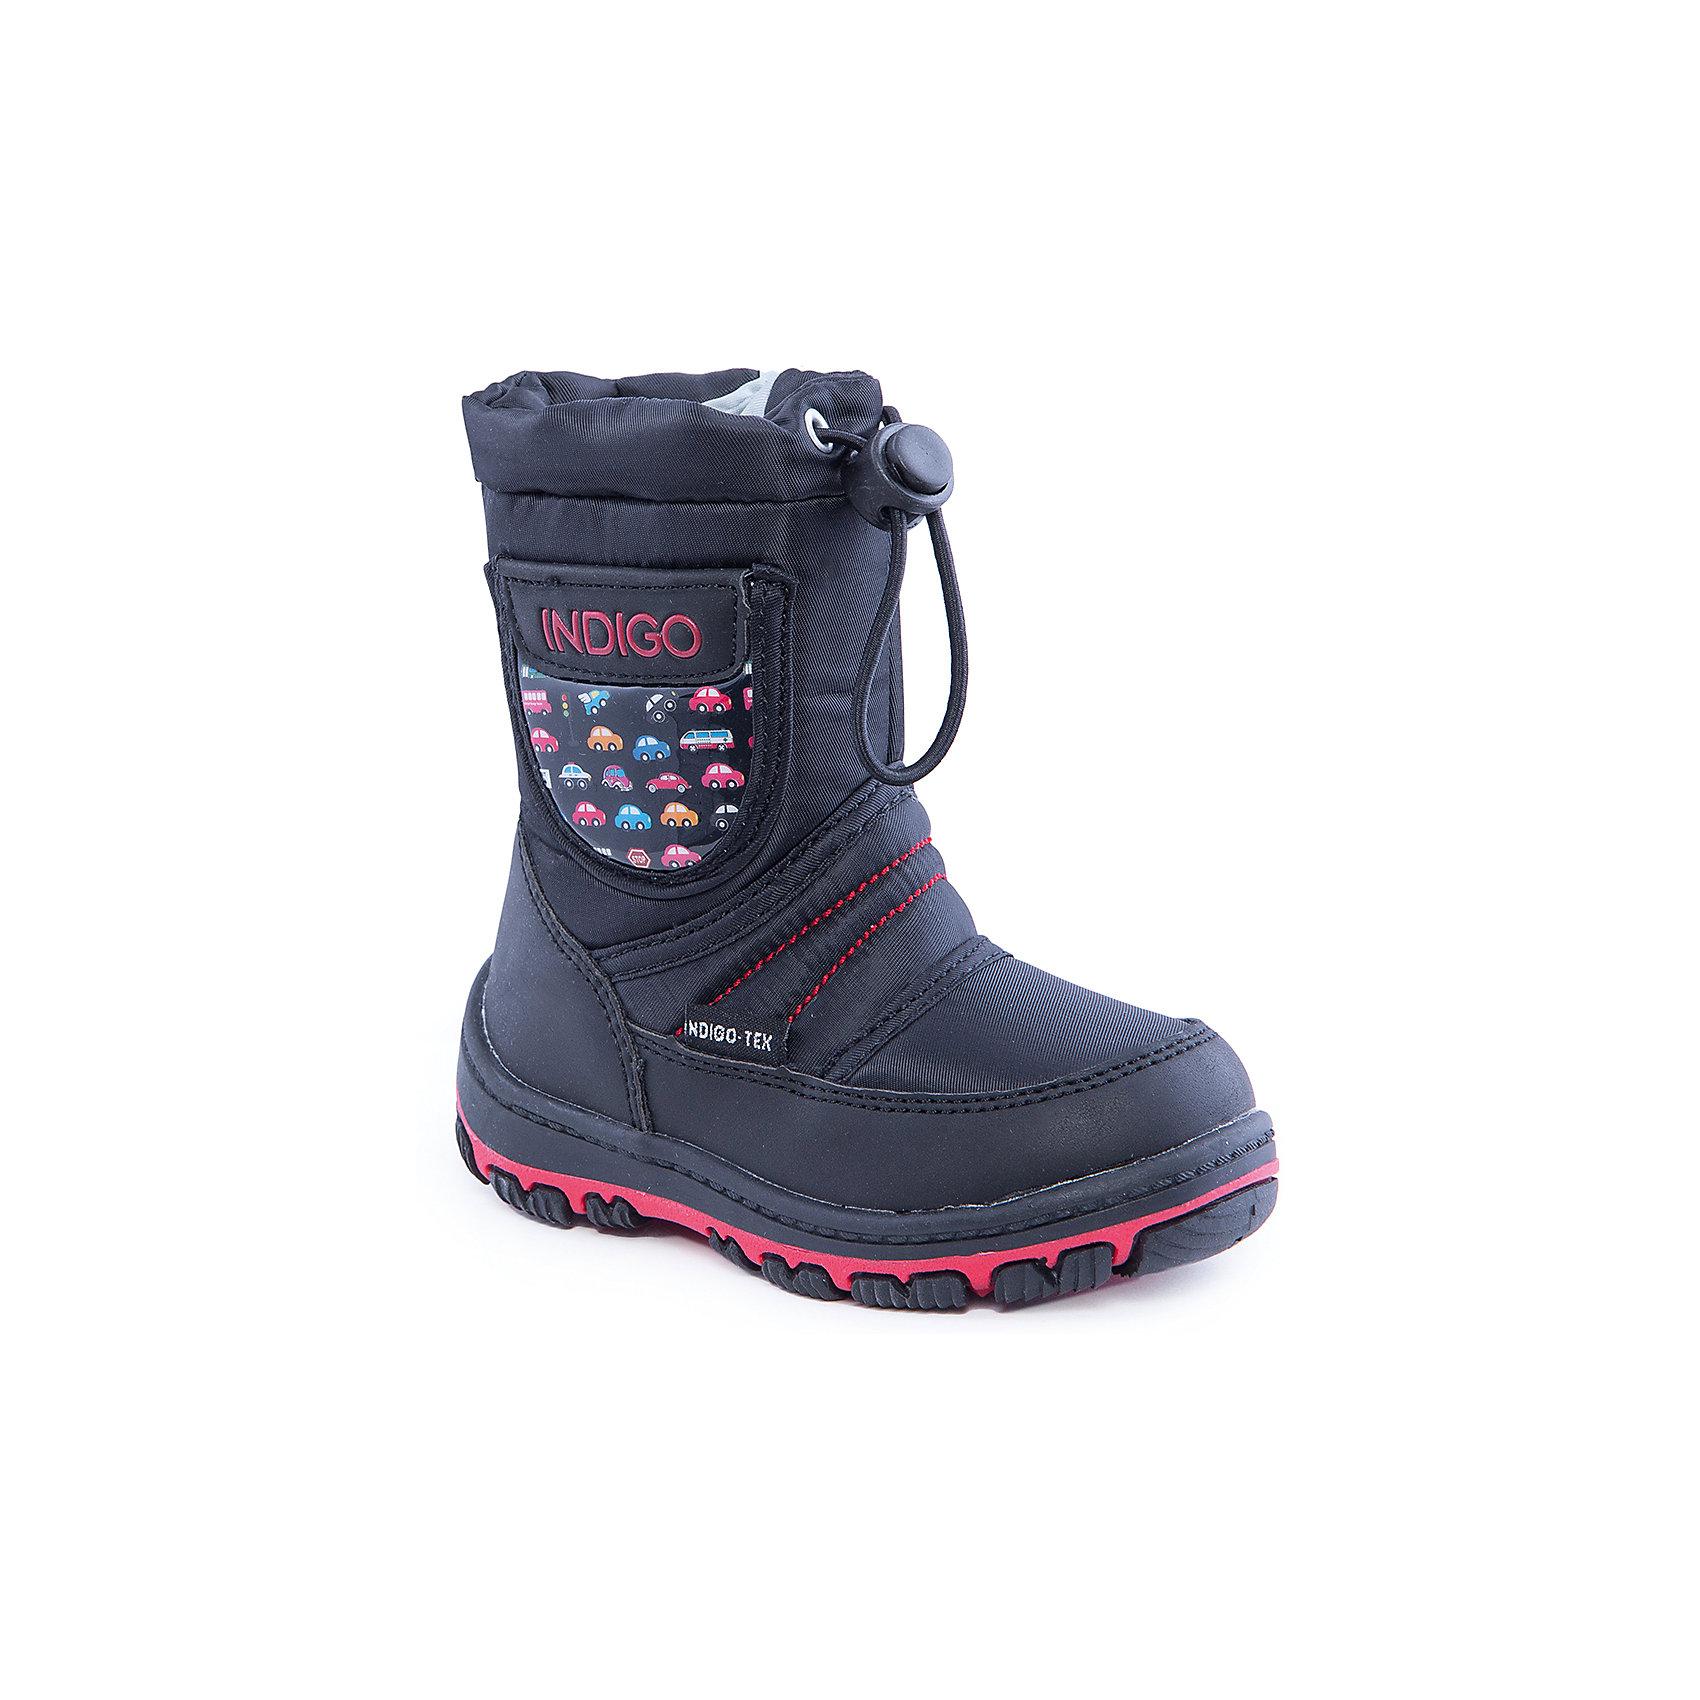 Сапоги для мальчика Indigo kidsСапоги<br>Сапоги для мальчика от известного  бренда Indigo kids<br><br>Стильные утепленные сапоги помогут защитить детские ножки от сырости и холода.  Они легко надеваются, комфортно садятся по ноге. <br>Сапоги сделаны с применением технологии INDIGO TEX – это мембранный материал, выводящий влагу из обуви наружу, но не позволяющий сырости проникать внутрь.<br><br>Особенности модели:<br><br>- цвет - черный;<br>- стильный дизайн;<br>- защита пятки и пальцев;<br>- удобная колодка;<br>- подкладка шерстяная;<br>- вставка с автомобильным принтом;<br>- наверху голенища - утяжка со стоппером;<br>- мембрана INDIGO TEX;<br>- устойчивая рифленая подошва;<br>- застежка - молния.<br><br>Дополнительная информация:<br><br>Температурный режим:<br>от -10° С до +5° С<br><br>Состав:<br><br>верх – текстиль/искусственная кожа;<br>подкладка - шерсть;<br>подошва - полимер.<br><br>Сапоги для мальчика Indigo kids (Индиго Кидс) можно купить в нашем магазине.<br><br>Ширина мм: 257<br>Глубина мм: 180<br>Высота мм: 130<br>Вес г: 420<br>Цвет: черный<br>Возраст от месяцев: 15<br>Возраст до месяцев: 18<br>Пол: Мужской<br>Возраст: Детский<br>Размер: 22,27,25,23,24,26<br>SKU: 4340510